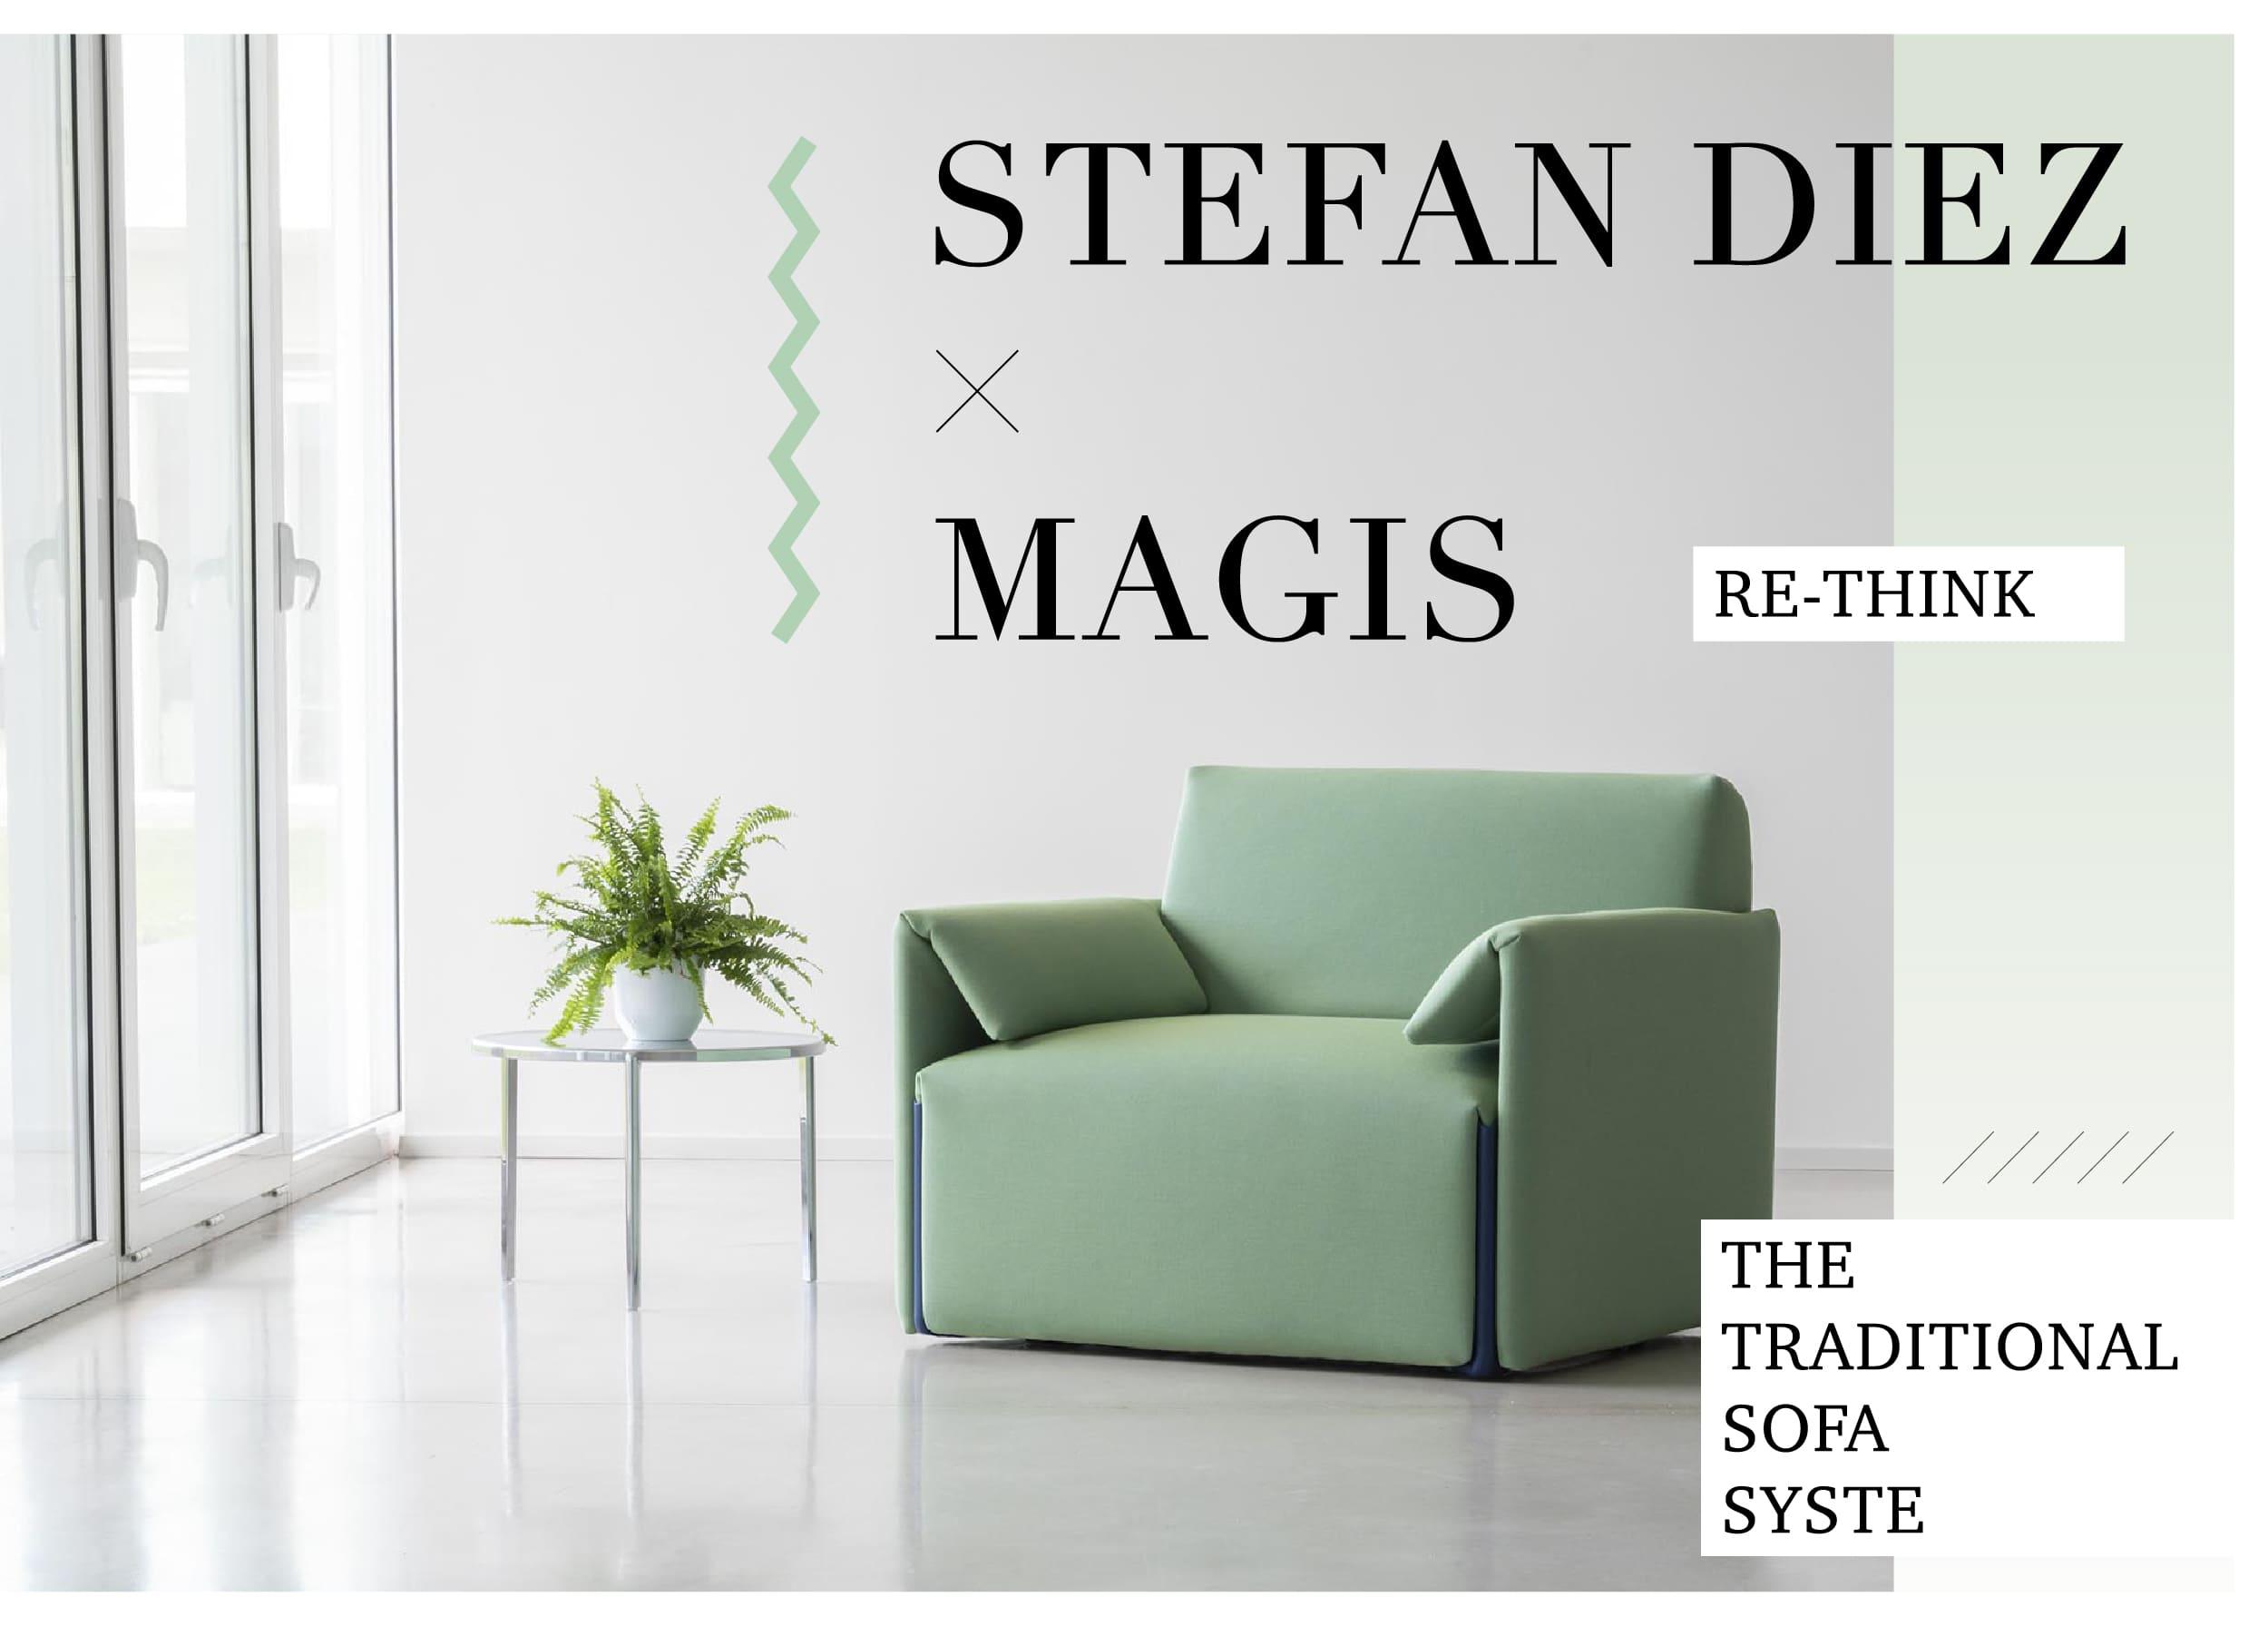 為優雅而生 ——「Re-think・沙發拼圖」德國設計師 Stefan Diez X 義大利 Magis 譜永續傢俱藍圖